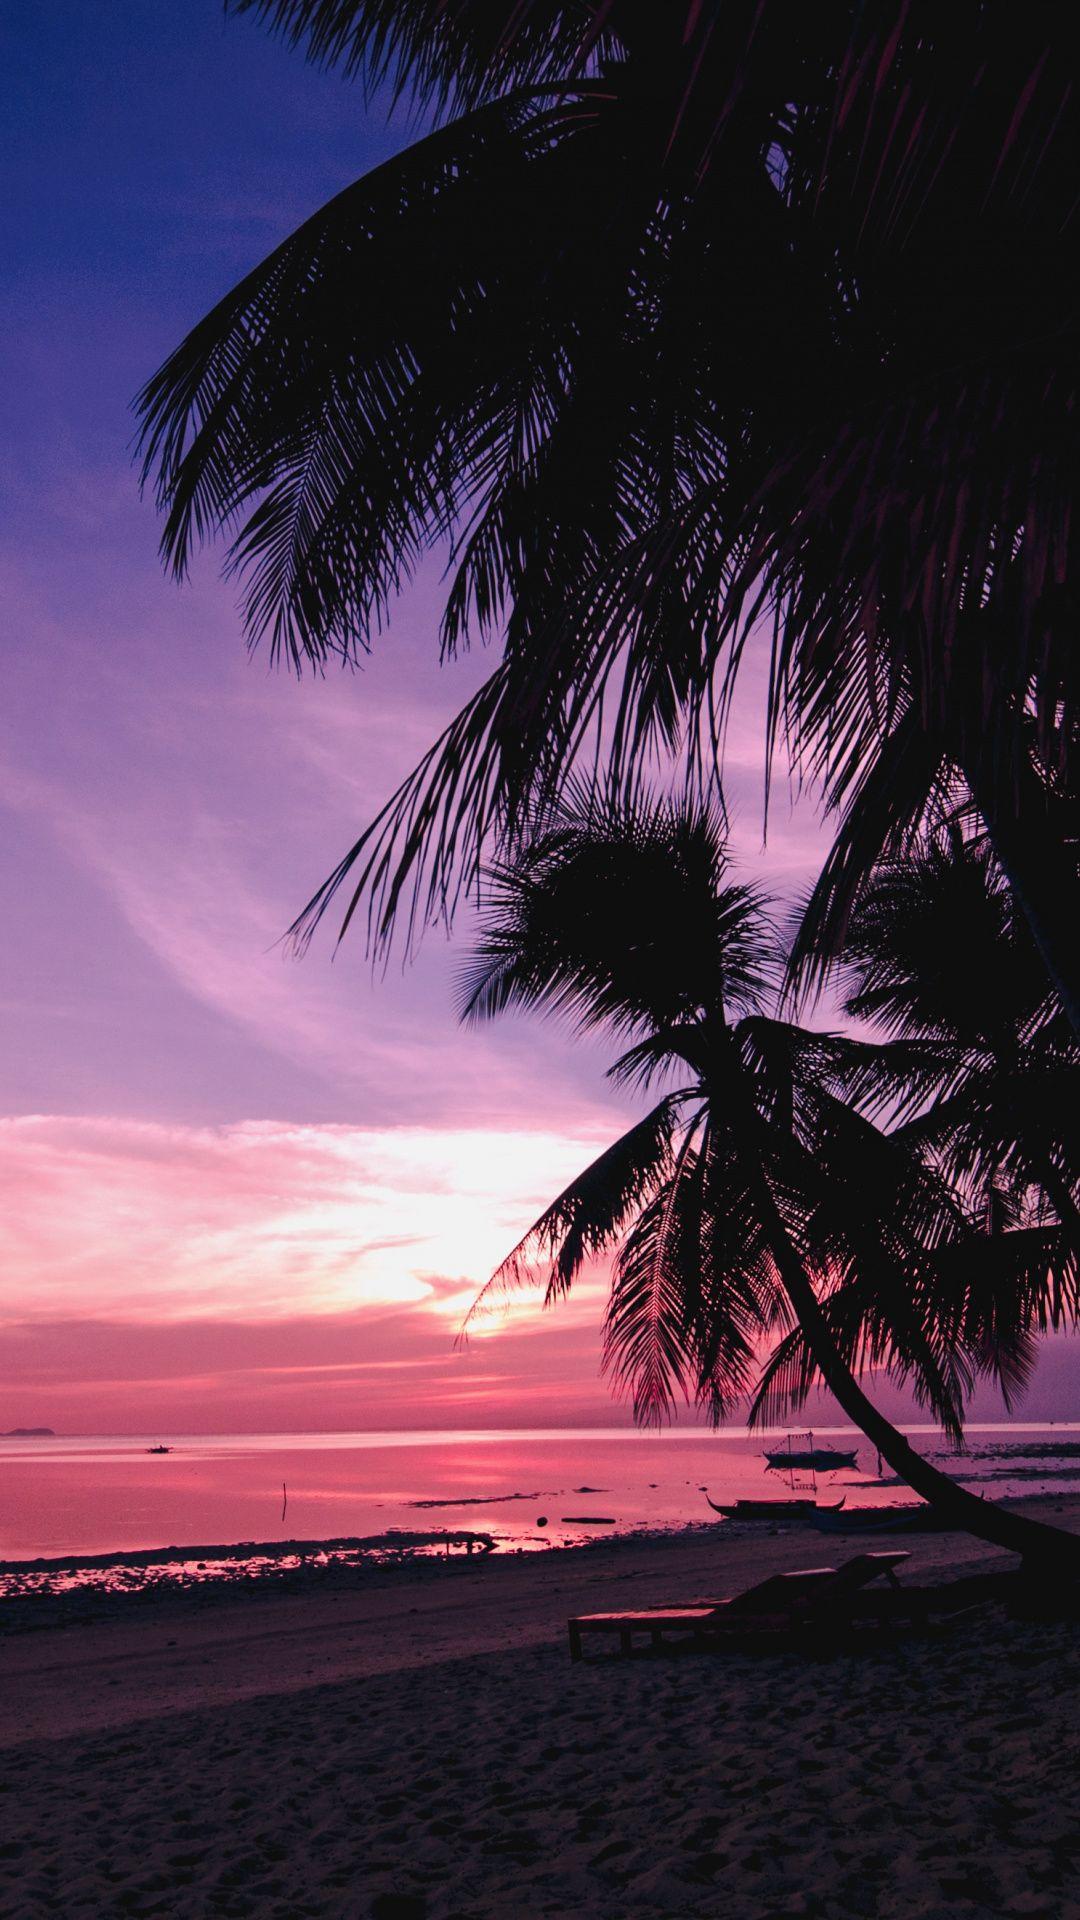 Palm Trees Beach Nature Sunset Wallpaper Sunset Wallpaper